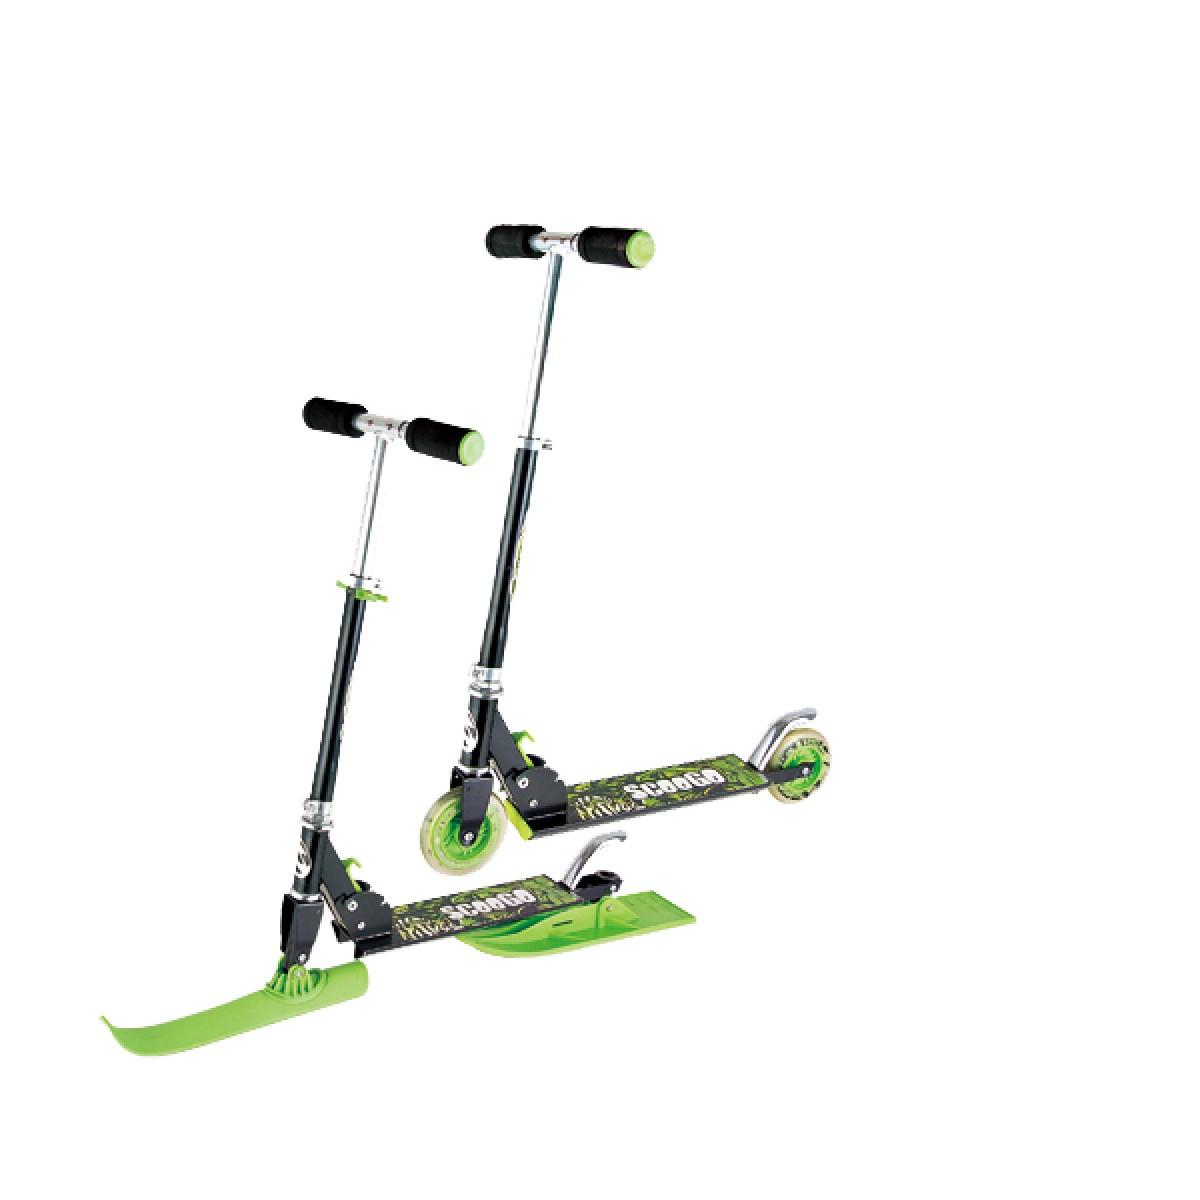 купить самокат детский скутер в минске